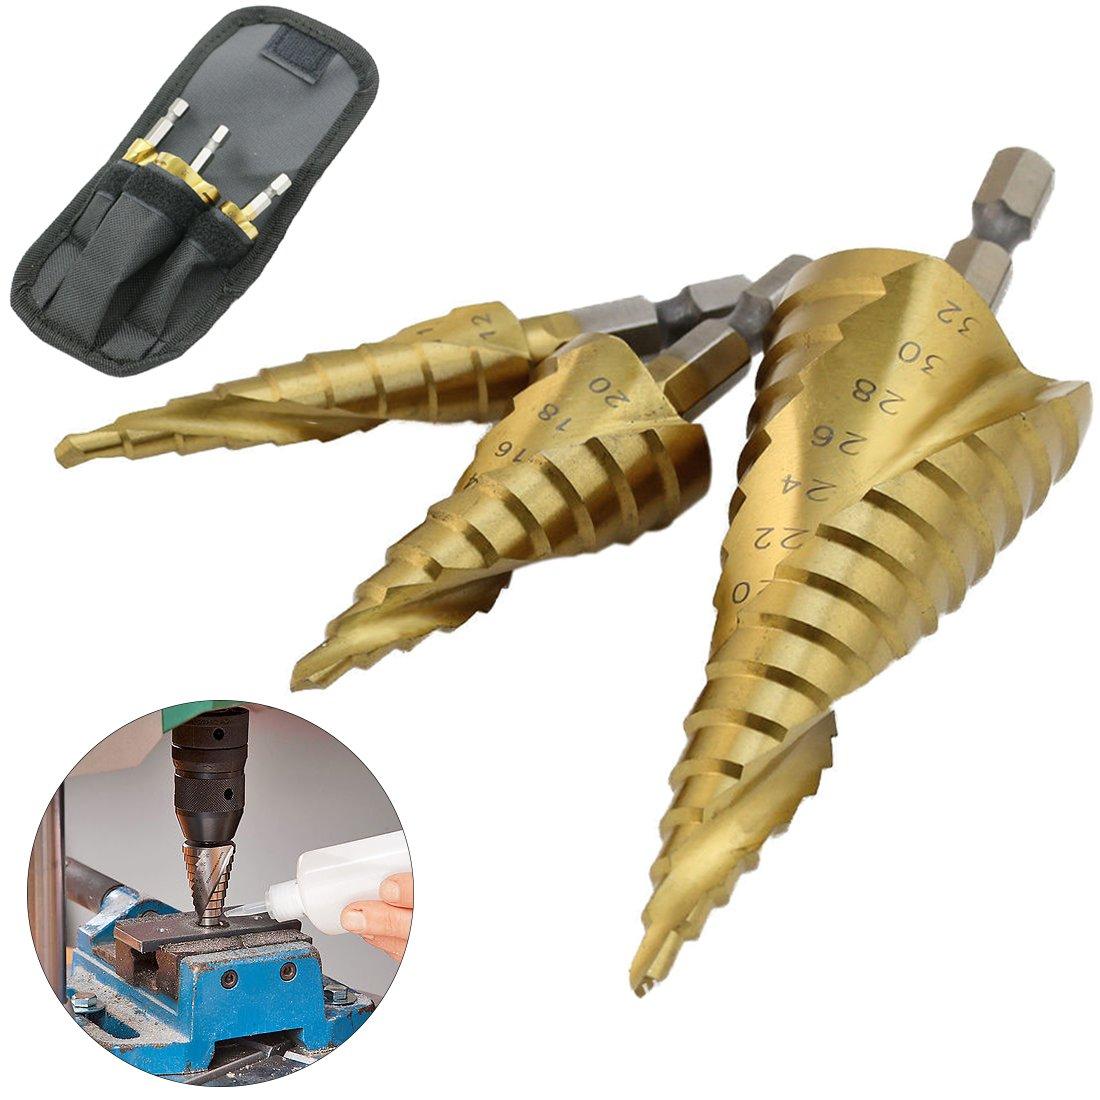 3pcs HSS cono de paso Có nica Brocas Titanio en para Metal mango hexagonal espiral ranura Acero de Alta Velocidad 4-12 4-20 4-32 mm kingmaz